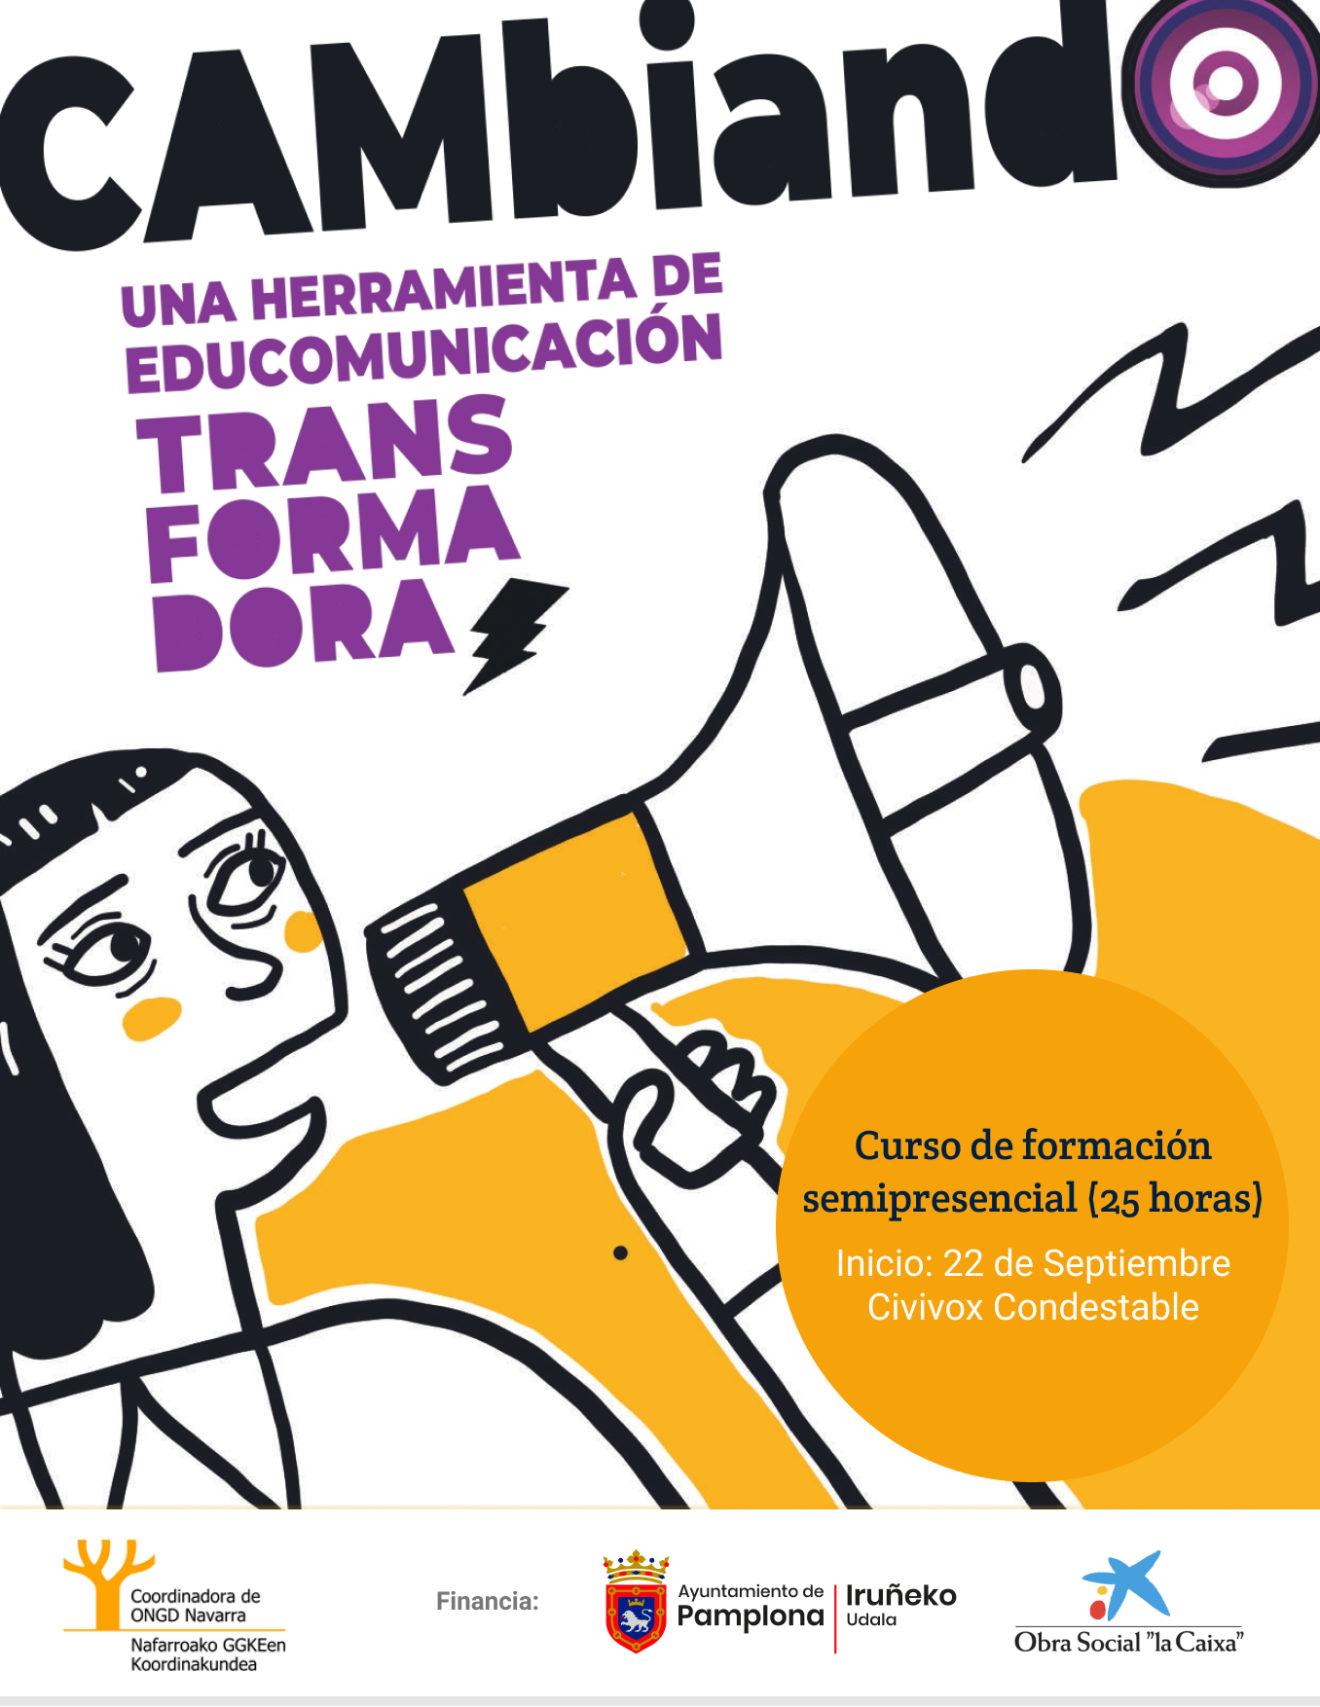 """Curso semipresencial """"Cambiando, una herramienta de educomunicación transformadora"""" (inscripciones hasta el 12 de Septiembre)"""